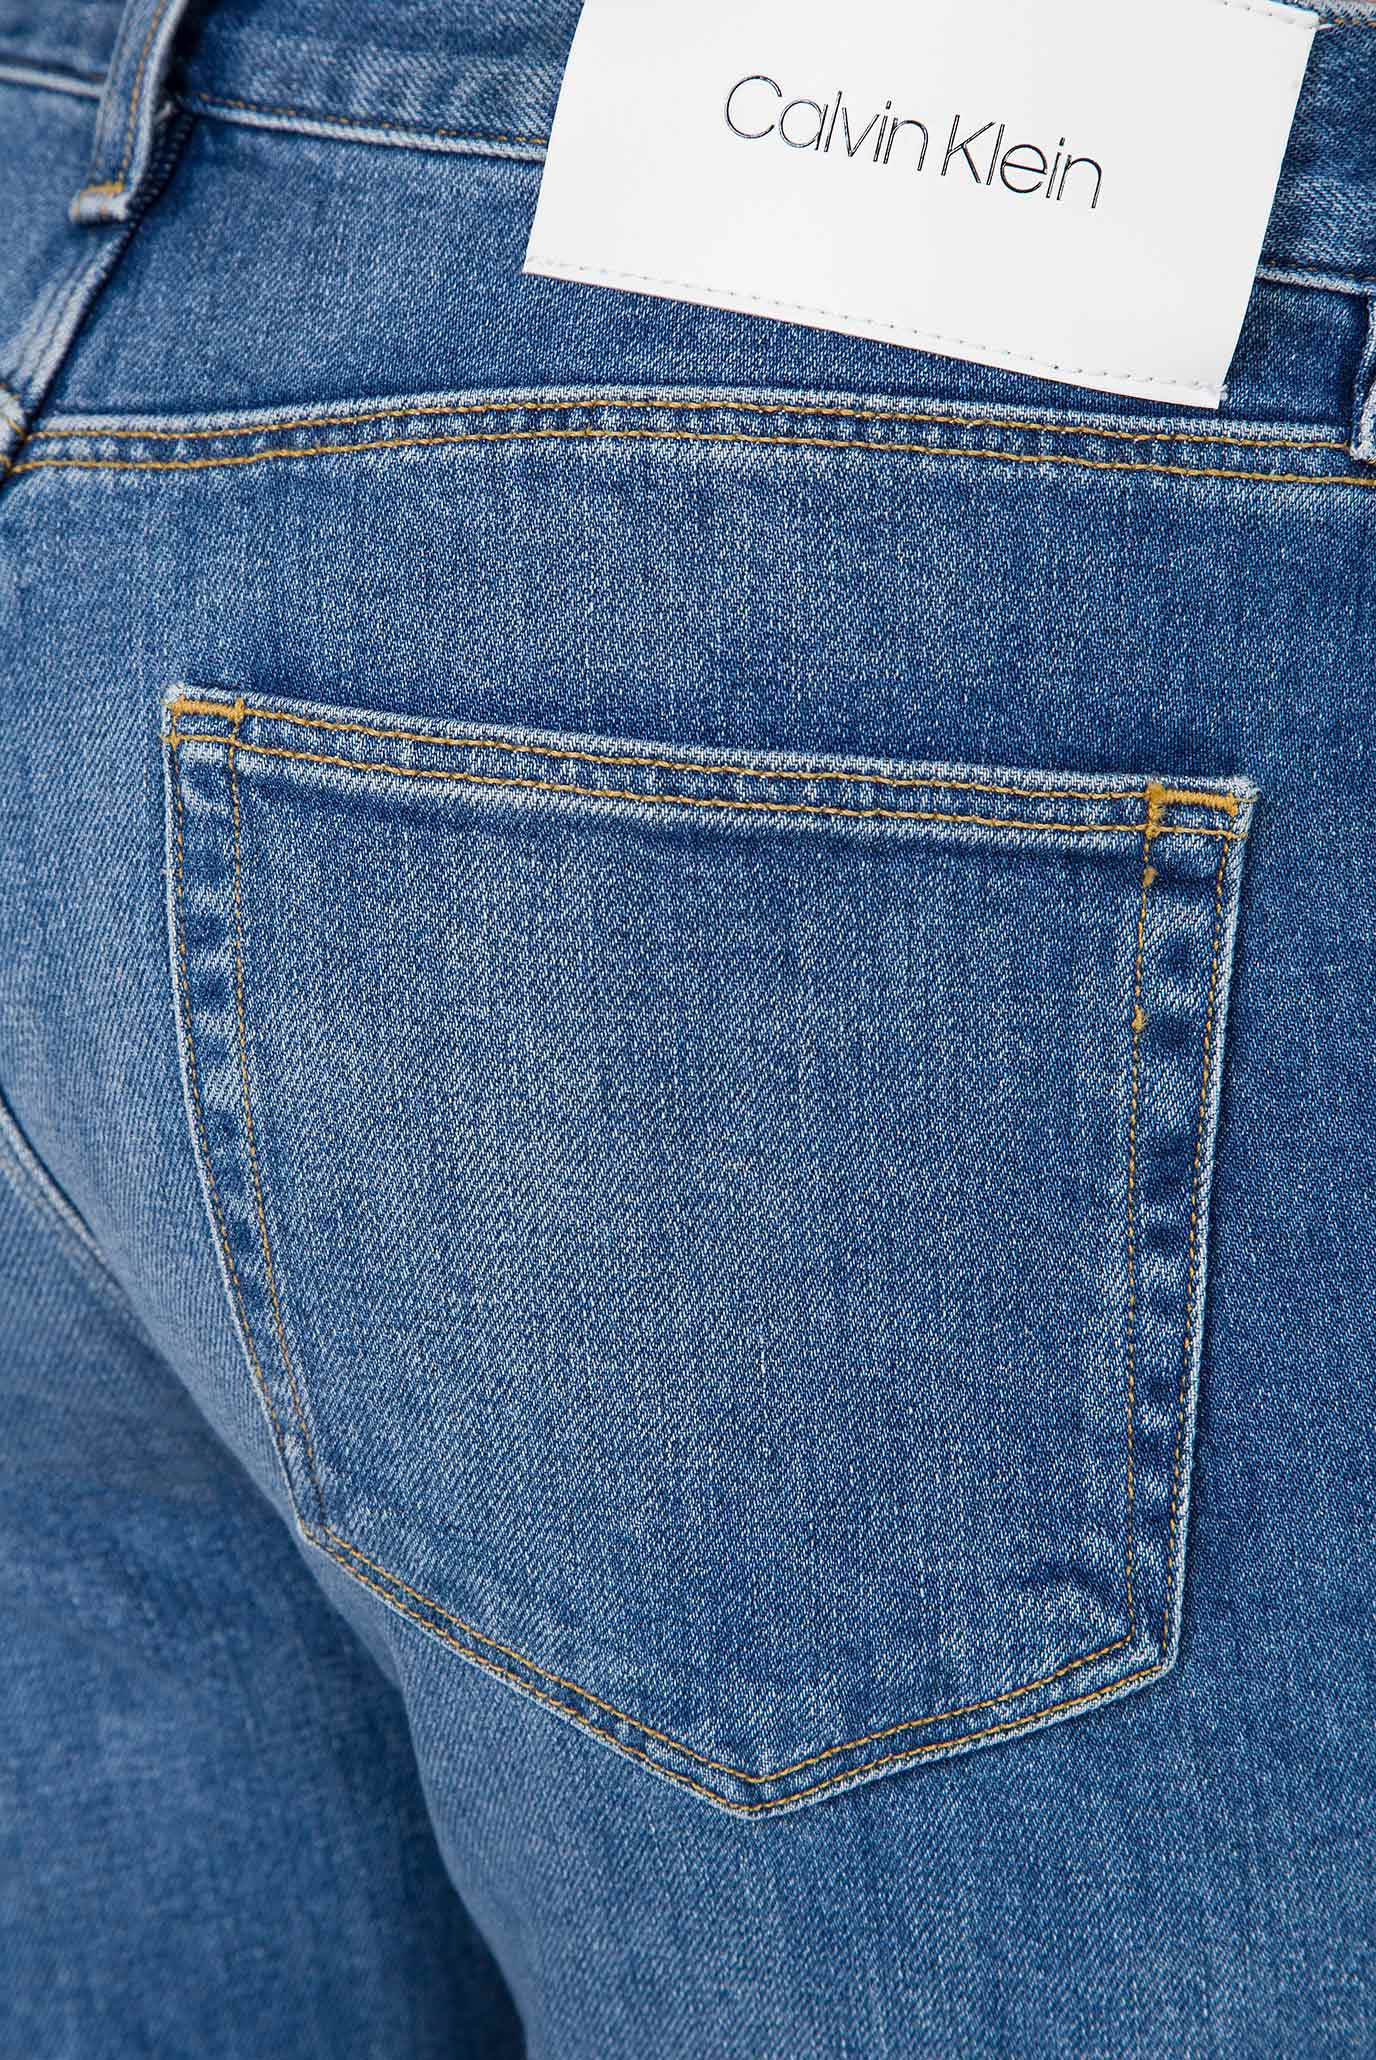 Купить Мужские синие джинсы STRAIGHT FIT BLUE STRETCH DENIM Calvin Klein Calvin Klein K10K103310 – Киев, Украина. Цены в интернет магазине MD Fashion